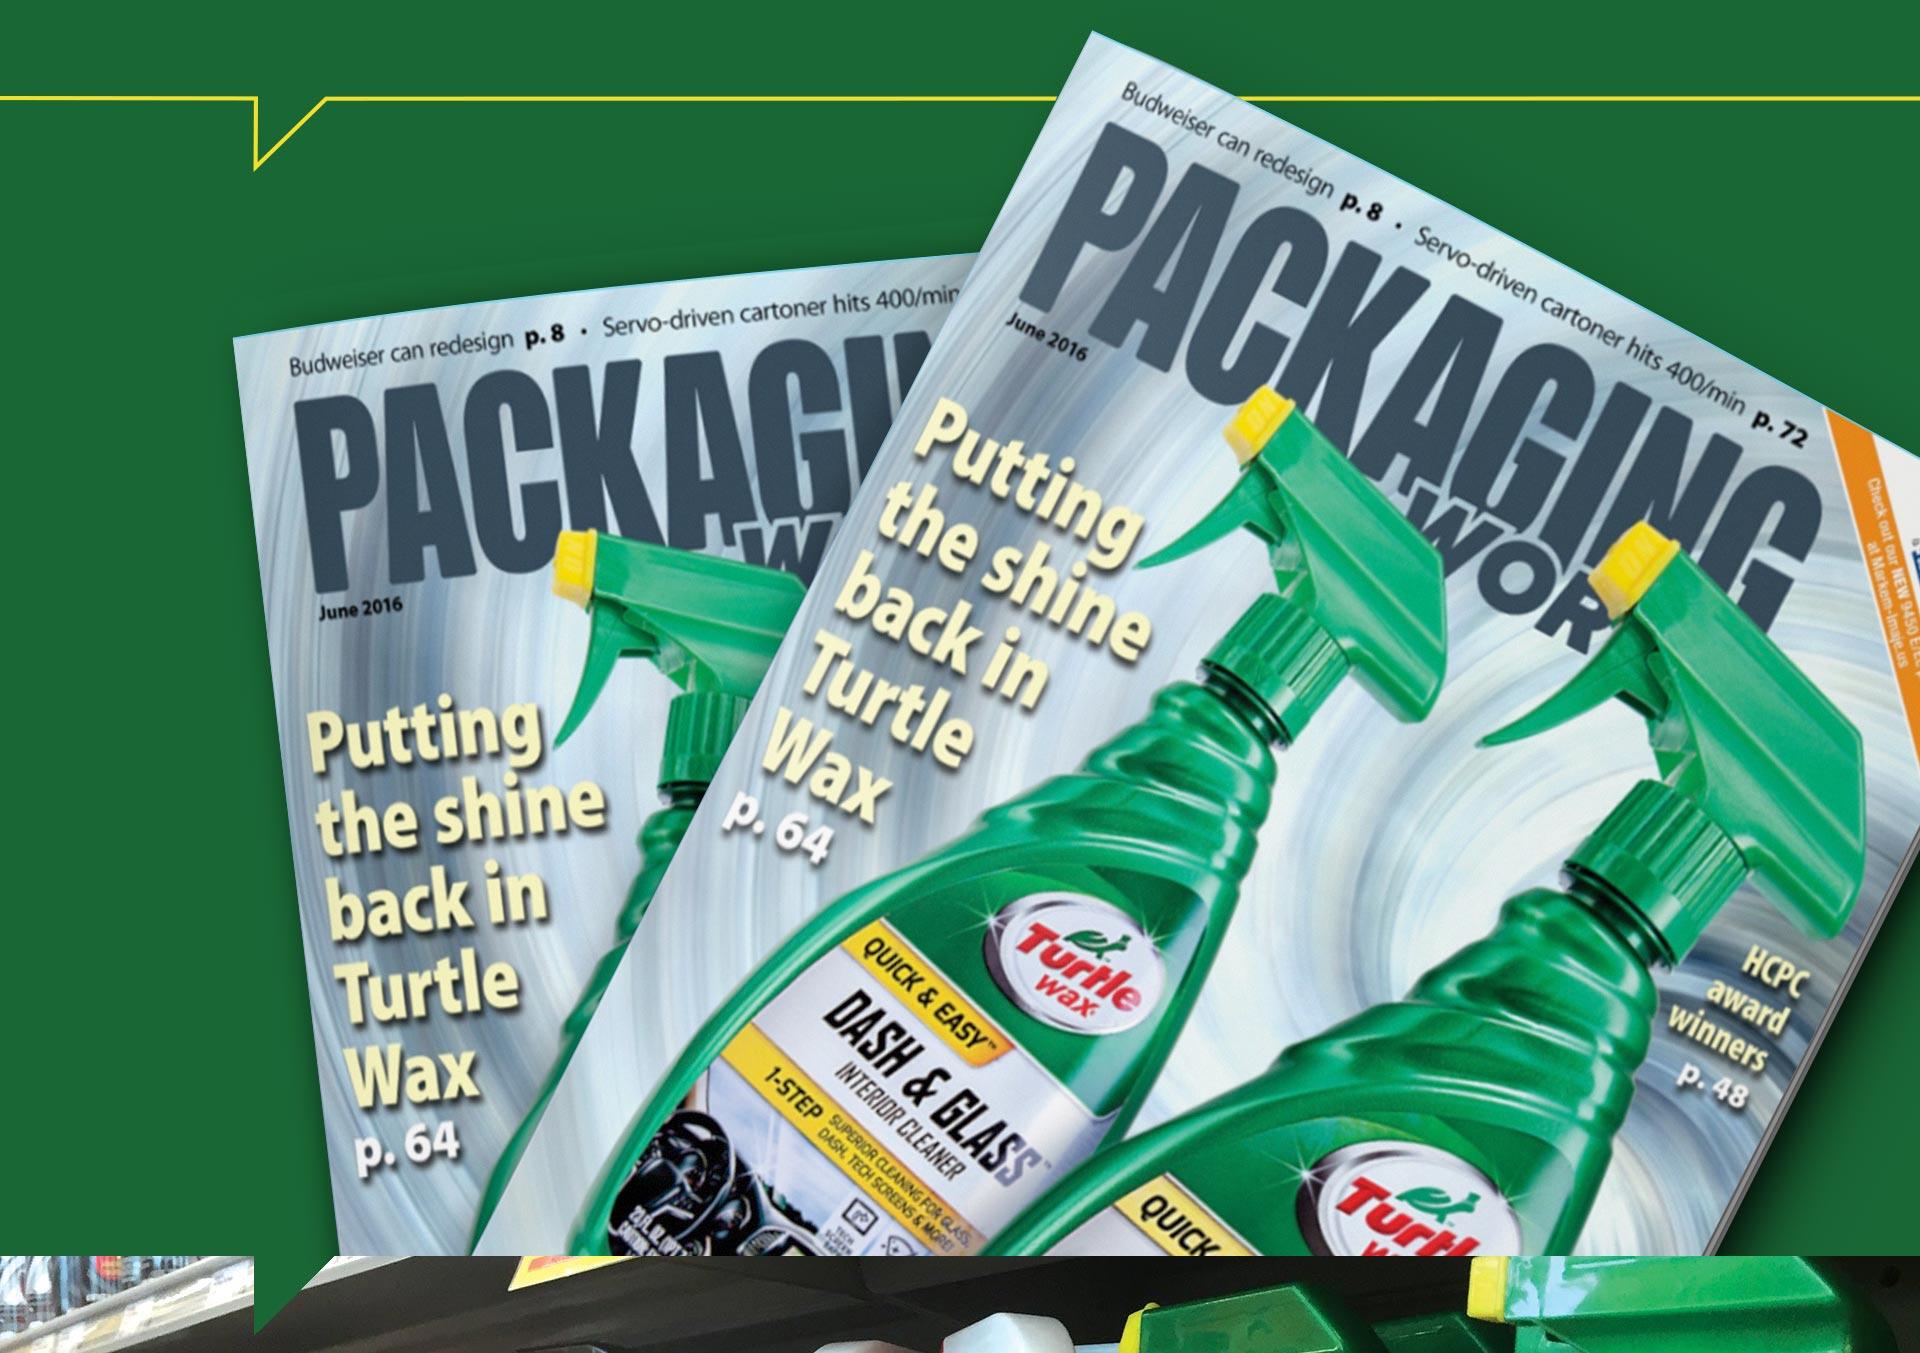 Turtle Wax - Brand Activation - Magazine